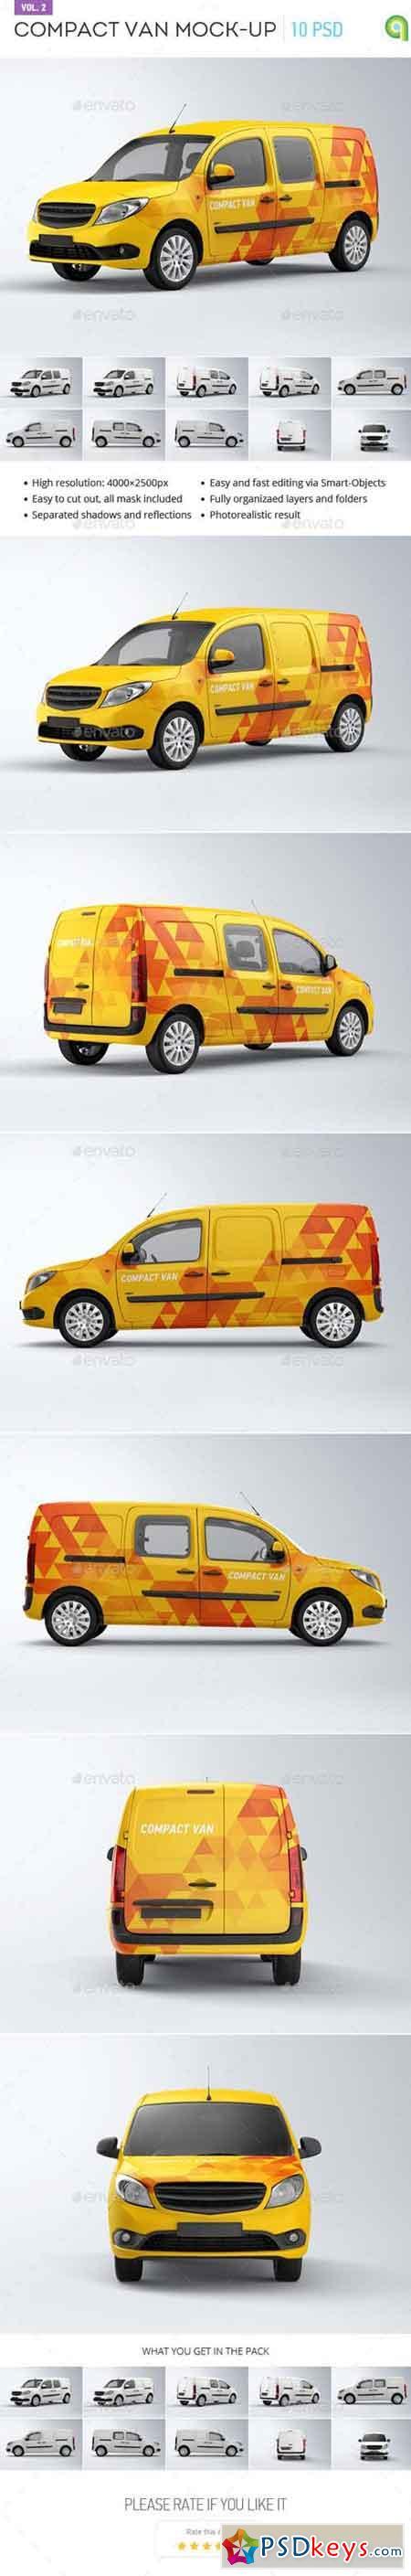 Compact Van Mock-up vol.2 14057574